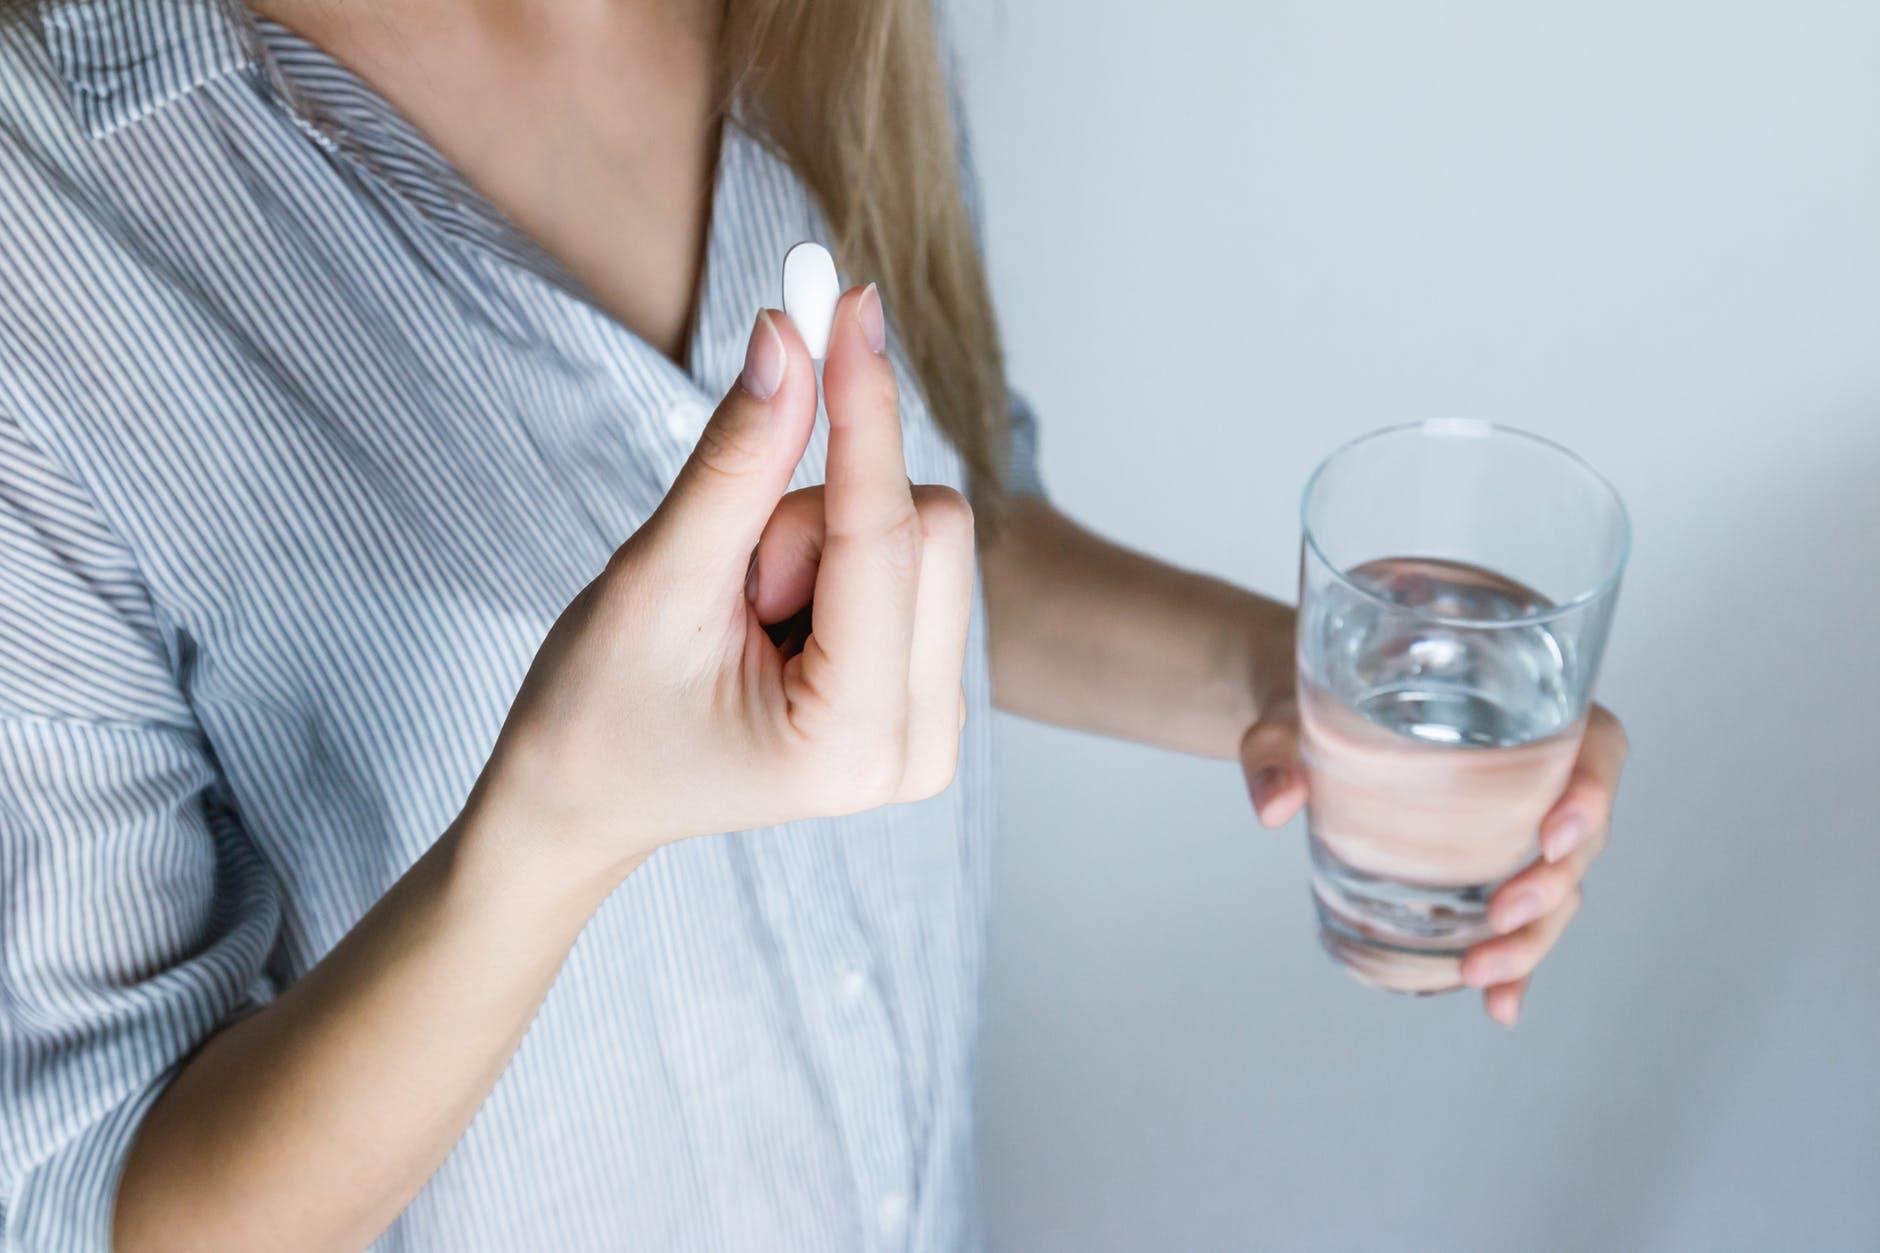 Kell-e félni a fogamzásgátló tablettáktól